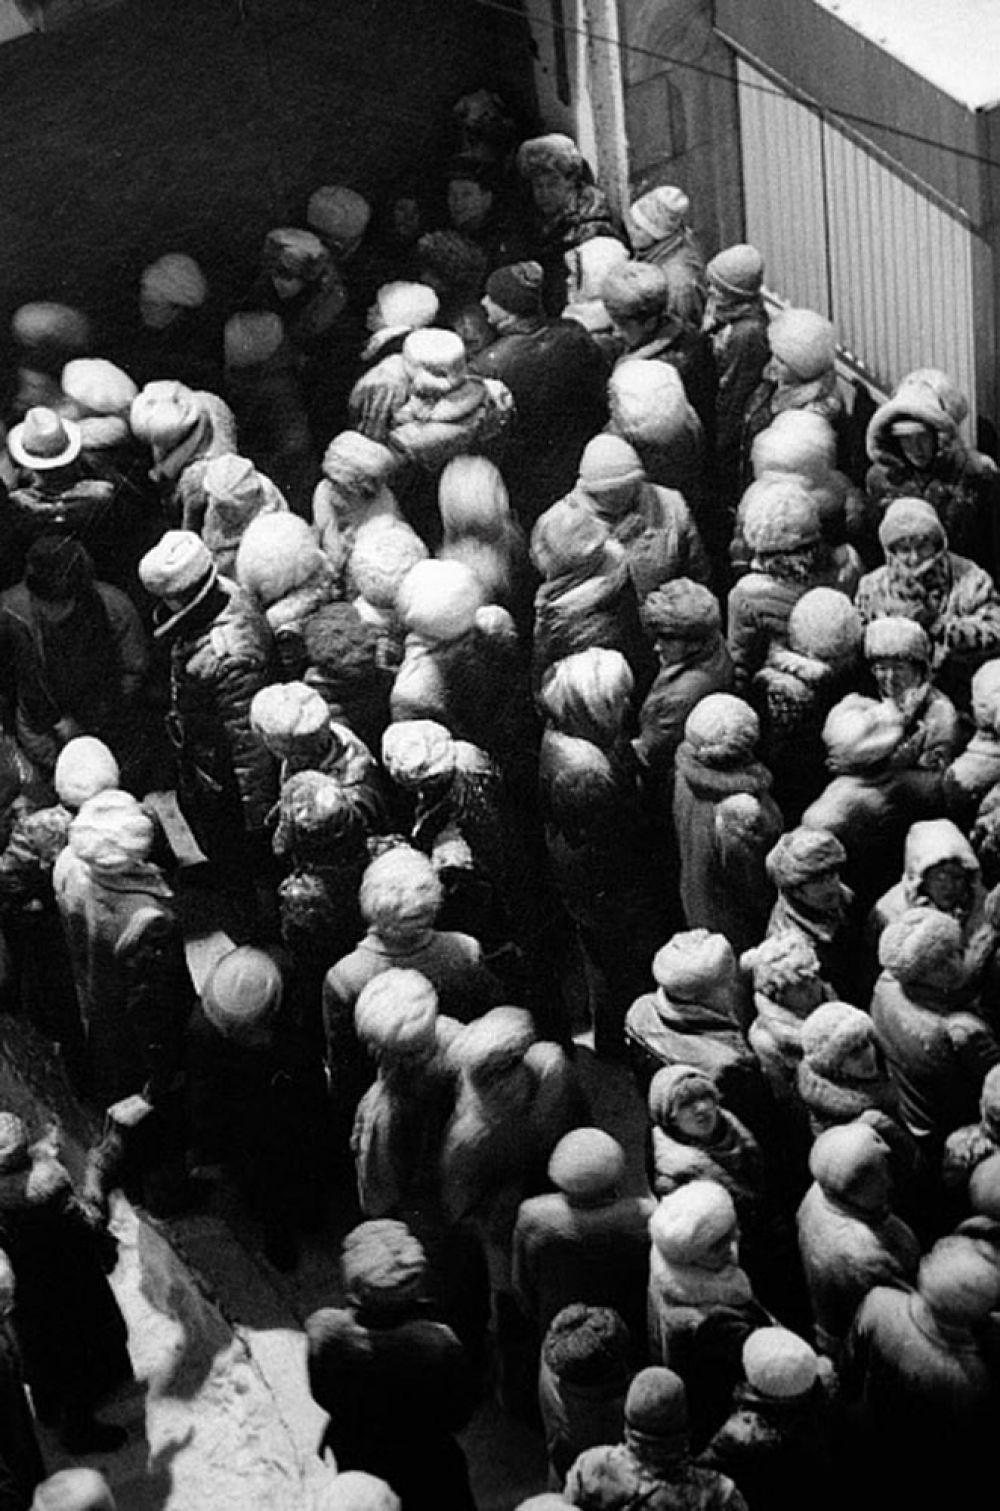 Предпосылками для реформы было то, что к середине 1990 г. советское руководство приняло решение о введении частной собственности на средства производства. Начался демонтаж основ социализма. Президенту СССР Михаилу Горбачеву было предложено несколько экономических программ перехода к рыночной экономике; наибольшую известность из них получила программа под названием «500 дней», созданная под руководством молодого ученого Григория Явлинского.